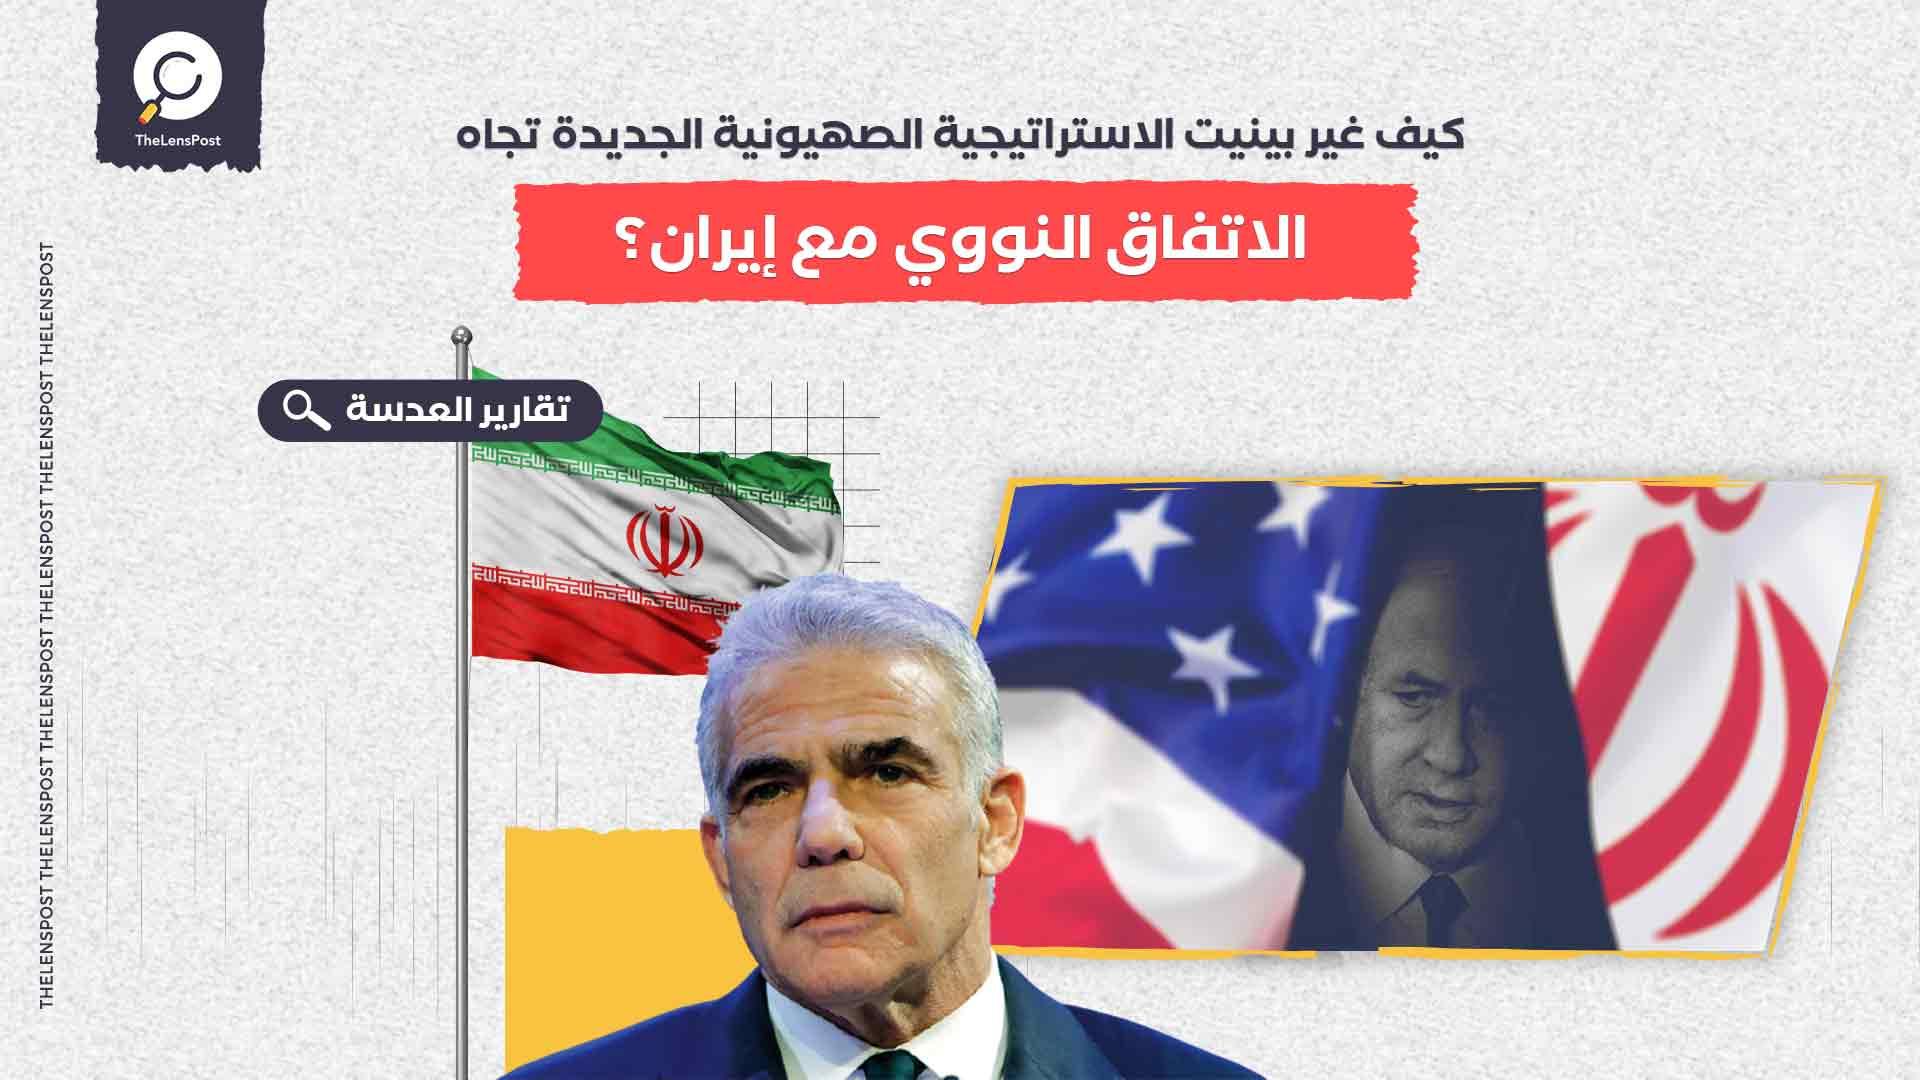 كيف غير بينيت الاستراتيجية الصهيونية الجديدة تجاه الاتفاق النووي مع إيران؟